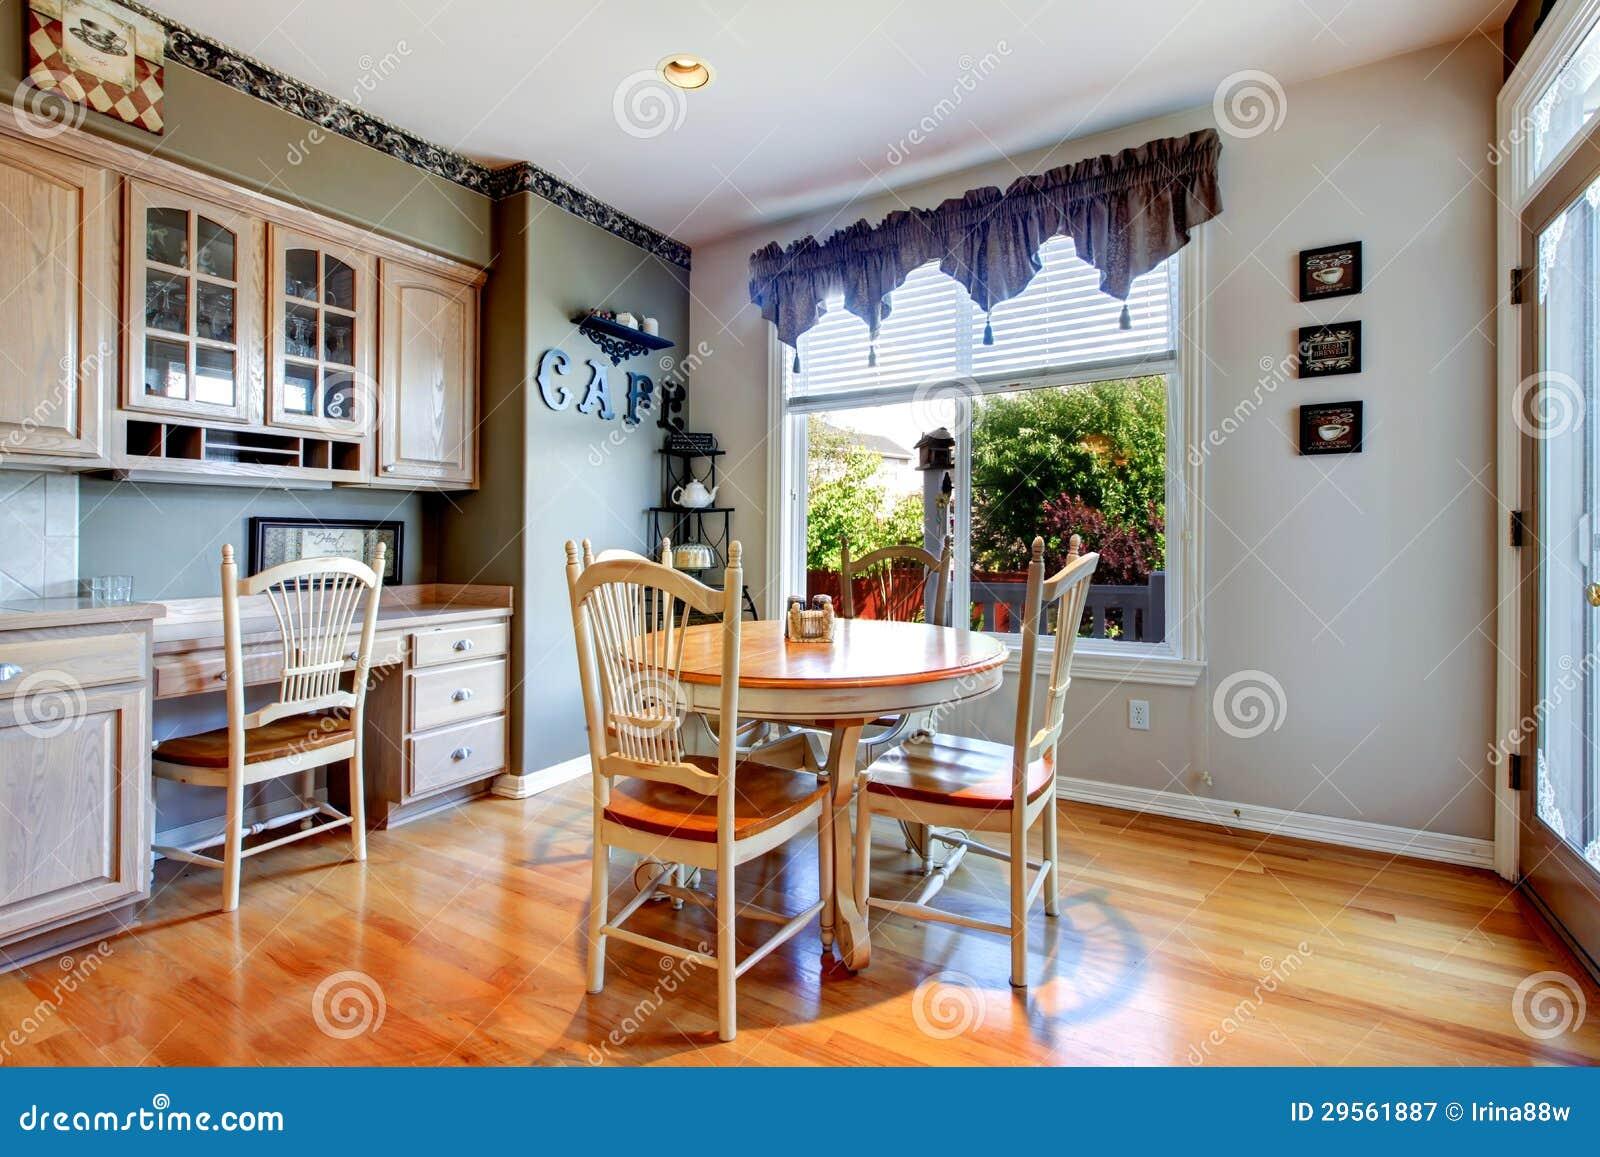 Eettafel dichtbij keuken met houten vloer. royalty vrije stock ...